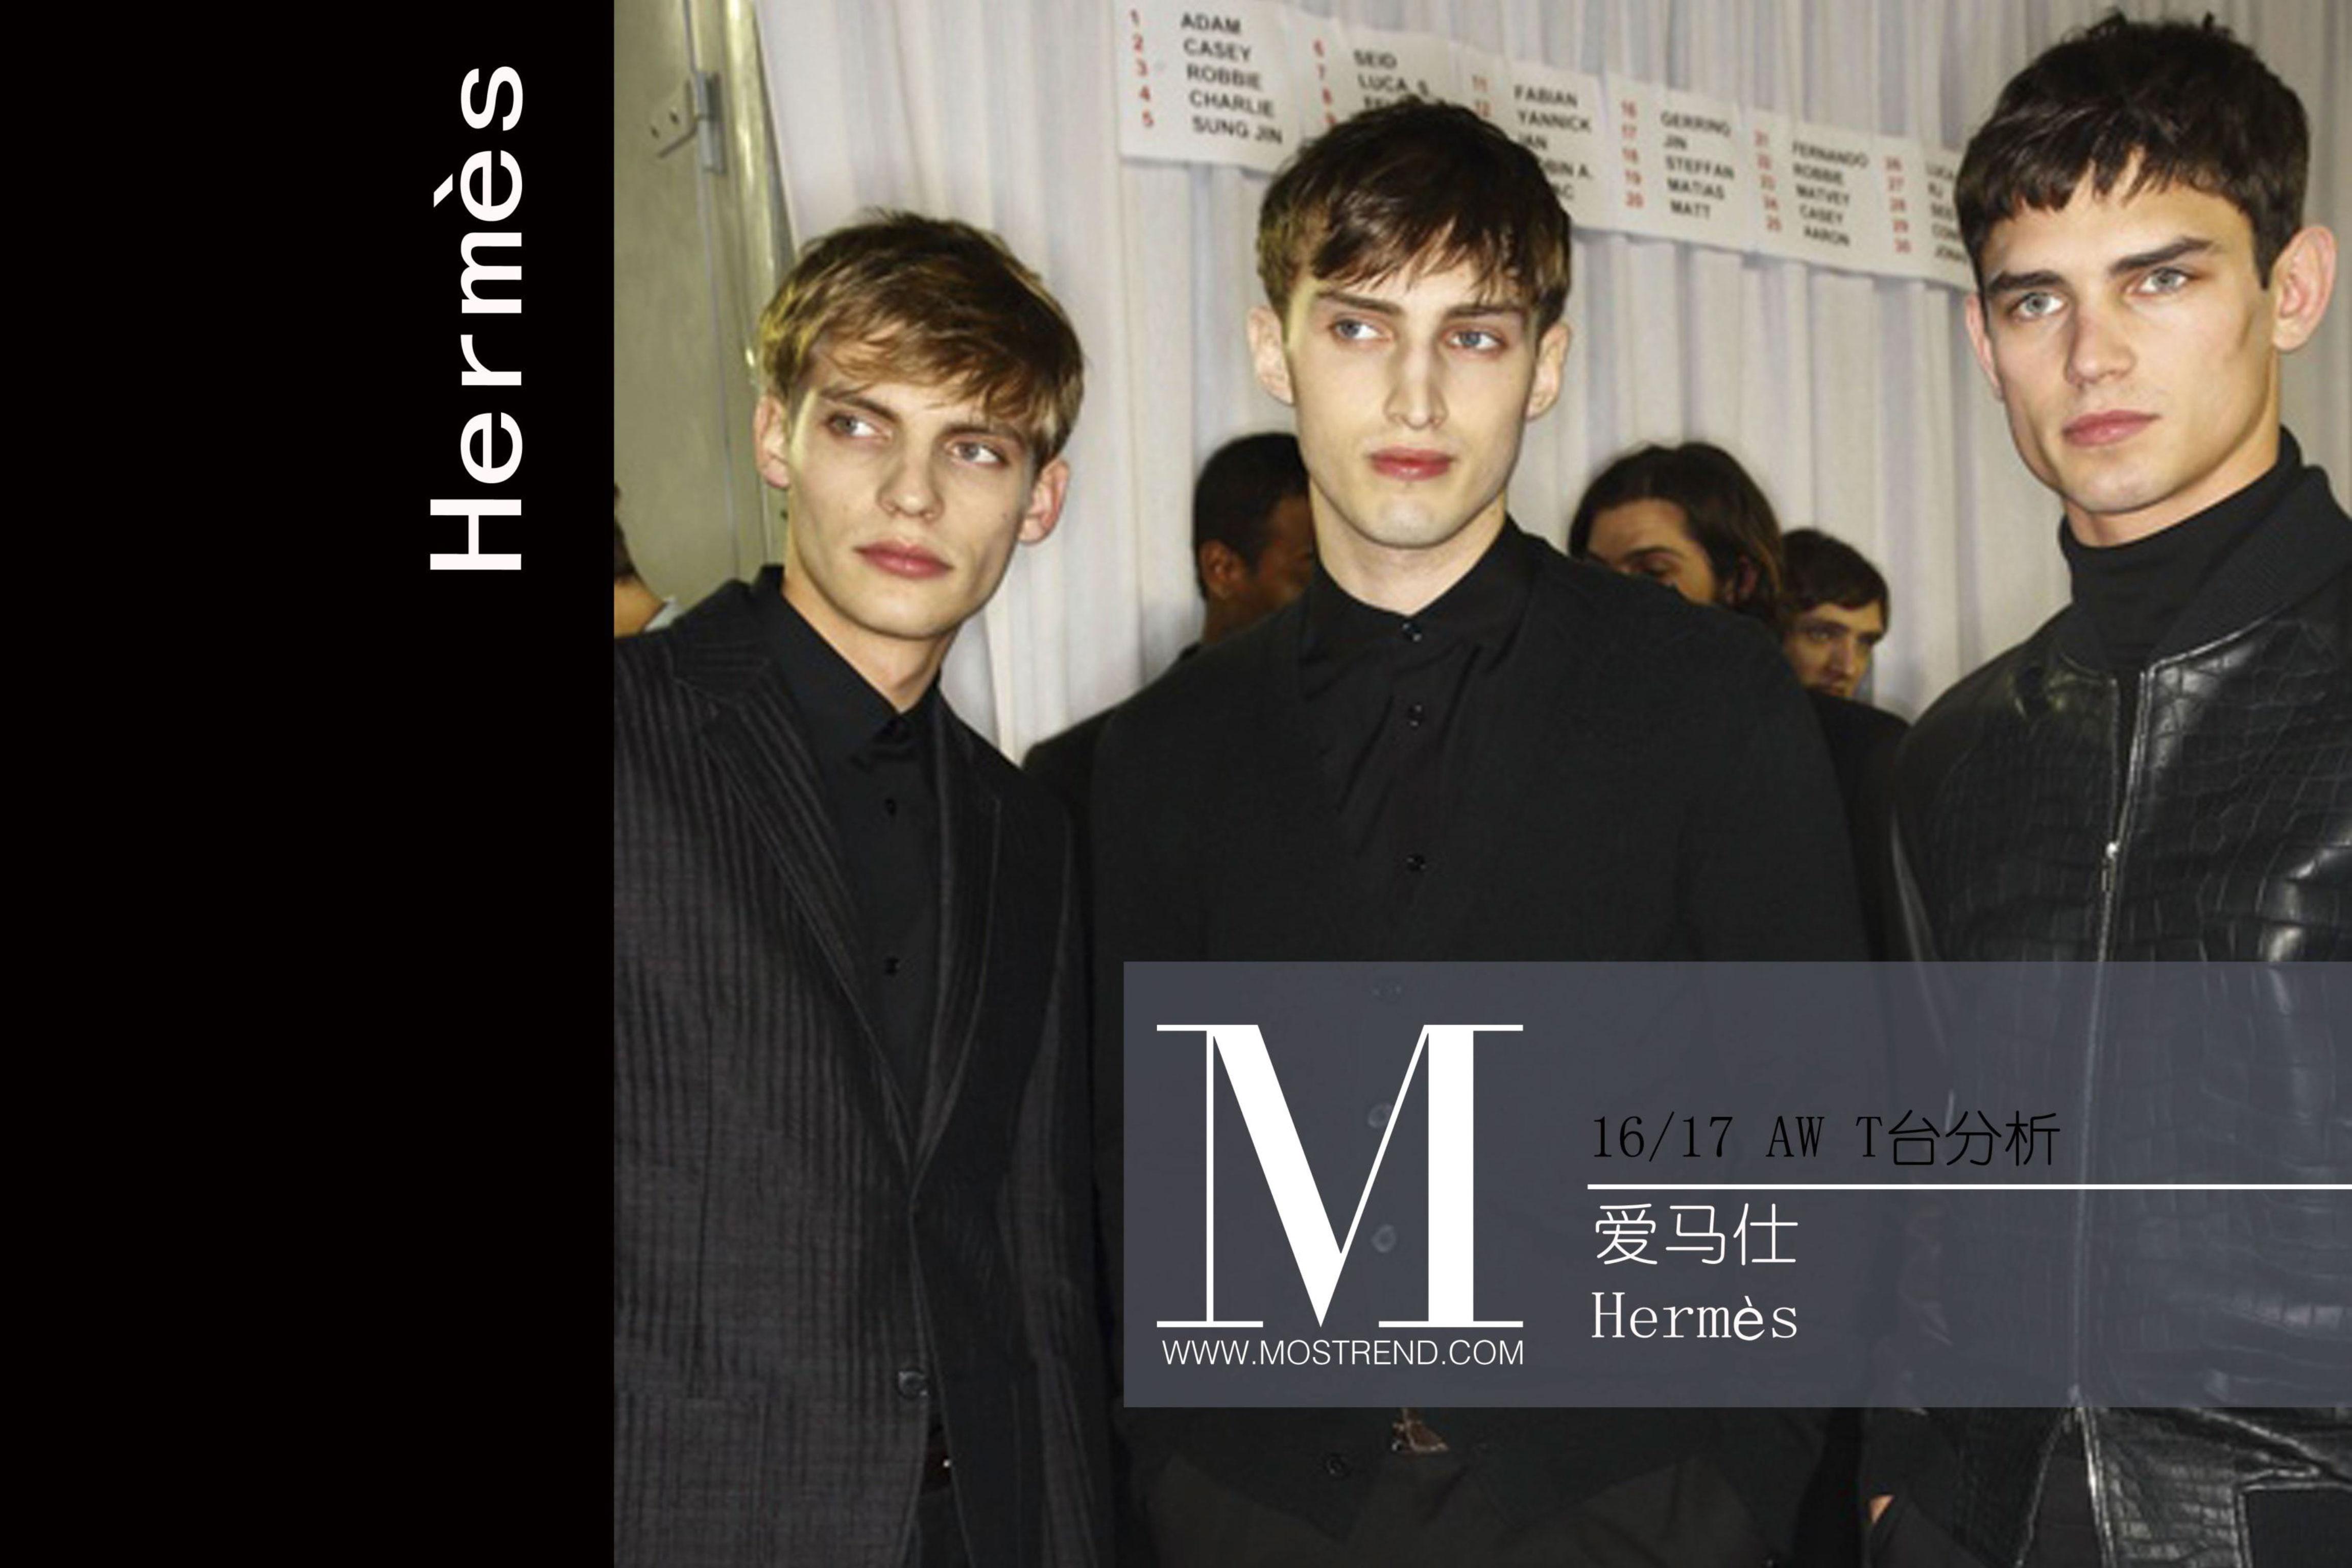 """愛馬仕Hermès在2016秋冬男裝本季的設計依舊講究細節之處,剪裁利落的皮衣和大衣盡顯紳士風度,顏色的運用恰到好處,詮釋著男士經典又十分考究的穿衣風格。增加的多款夾克單品讓Hermes更具活力,而彩色毛衫的出現則讓一向""""冷淡""""的Hermes帶上了些暖男味道。"""